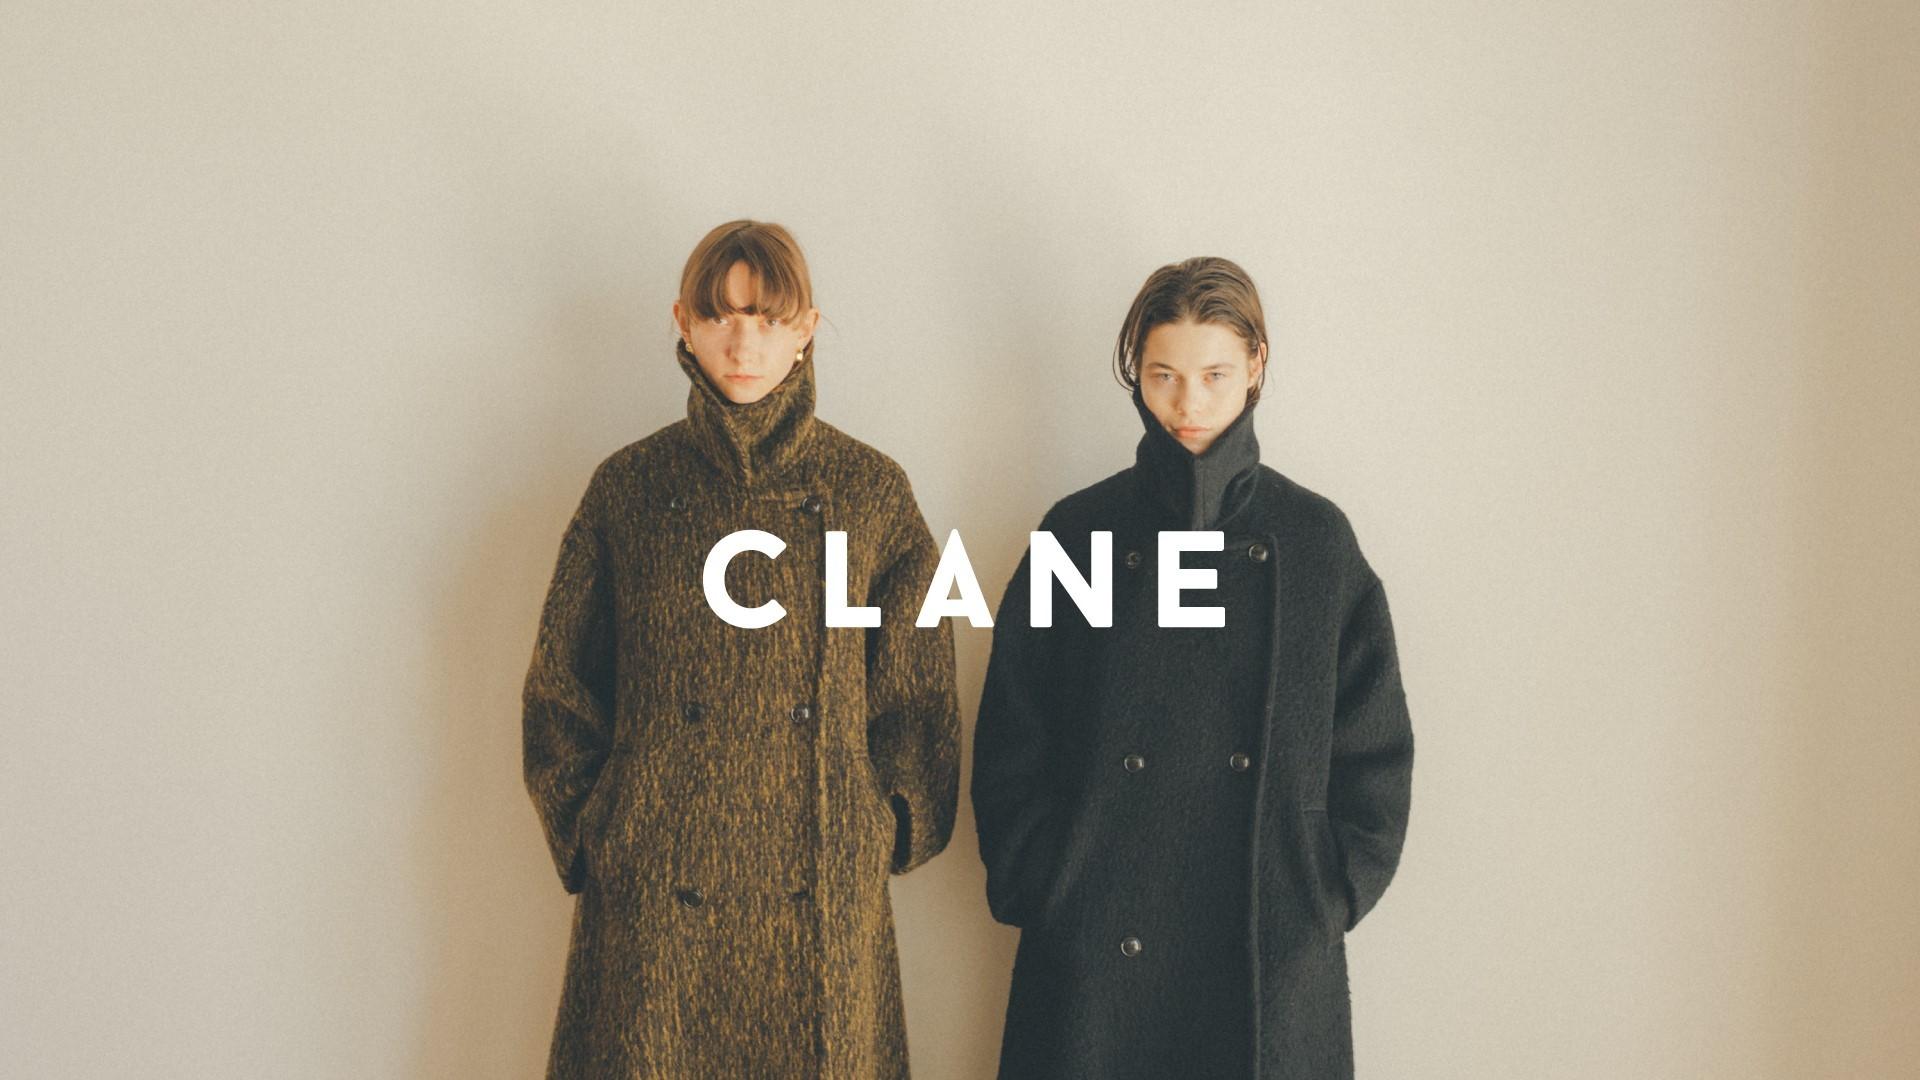 【生産管理】CLANE |レディースの生産管理を募集!経験者歓迎|東京のカバー写真